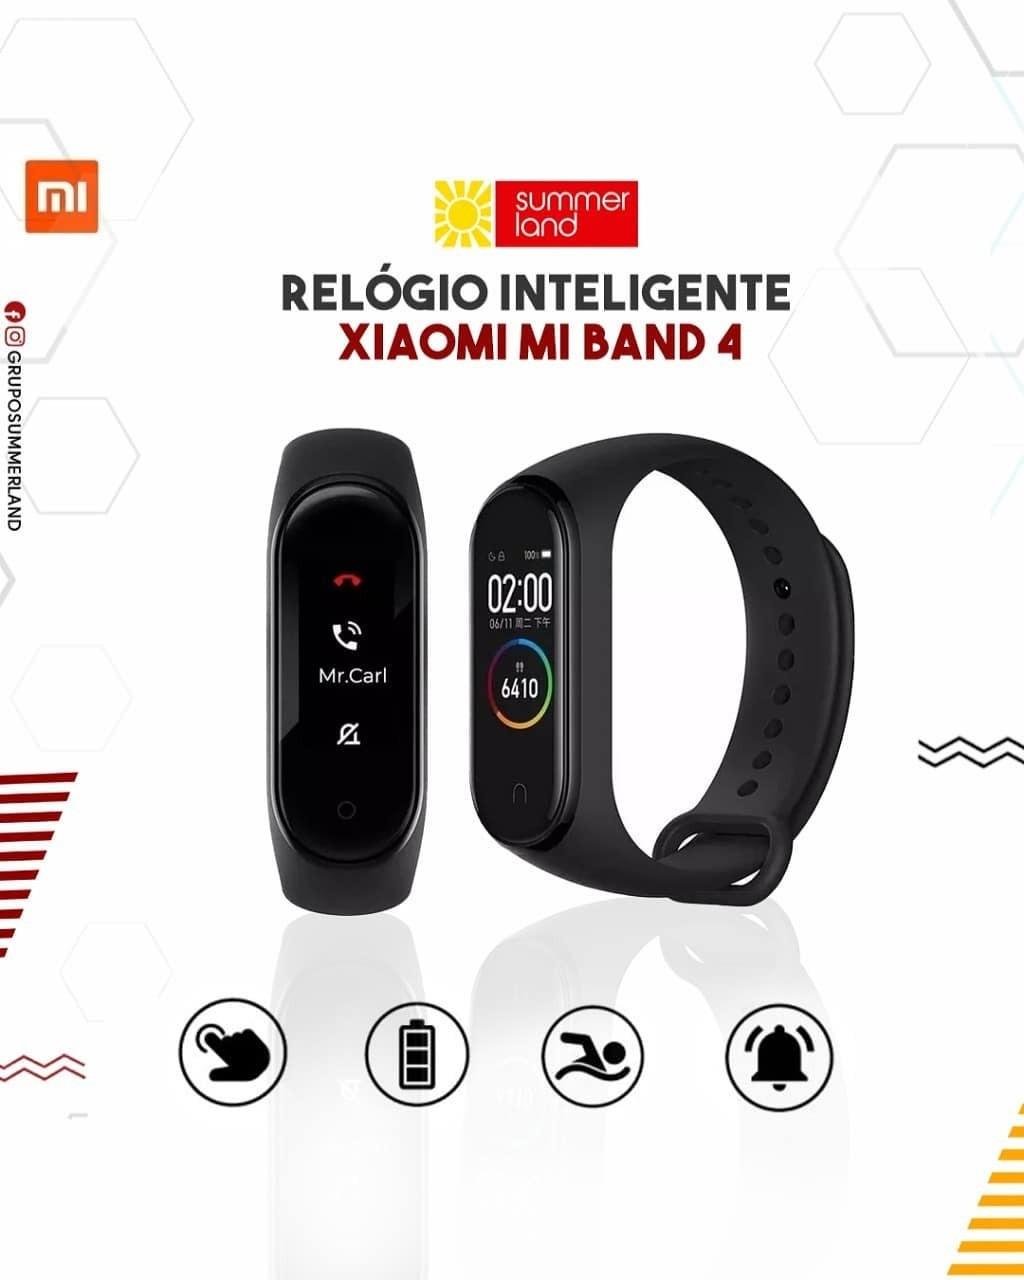 Relógio Inteligente Xiaomi Mi BAND 4